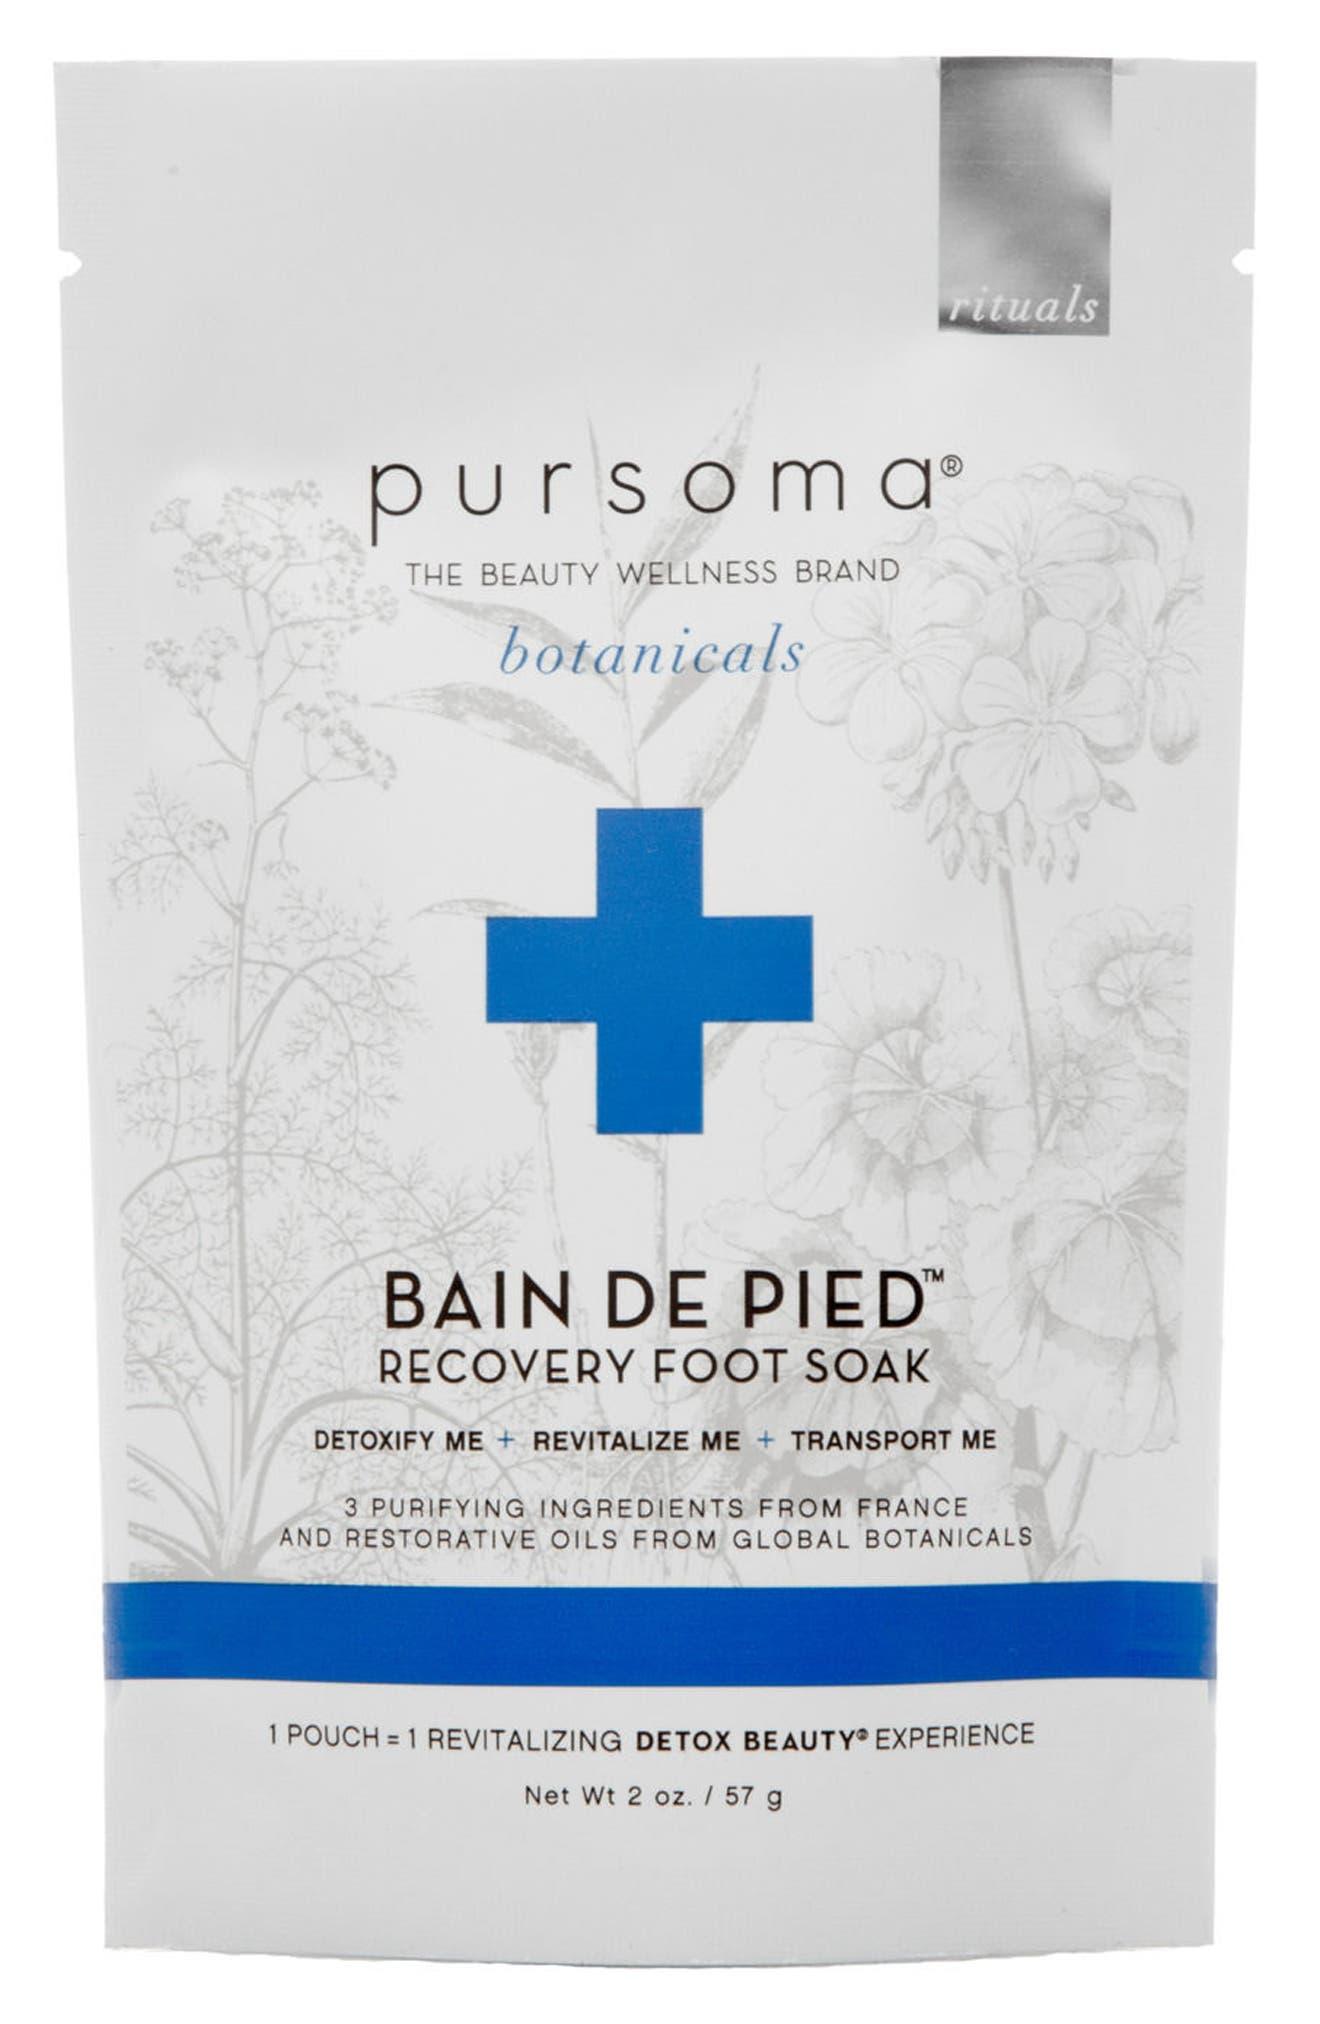 Pursoma Bain de Pied Foot Soak